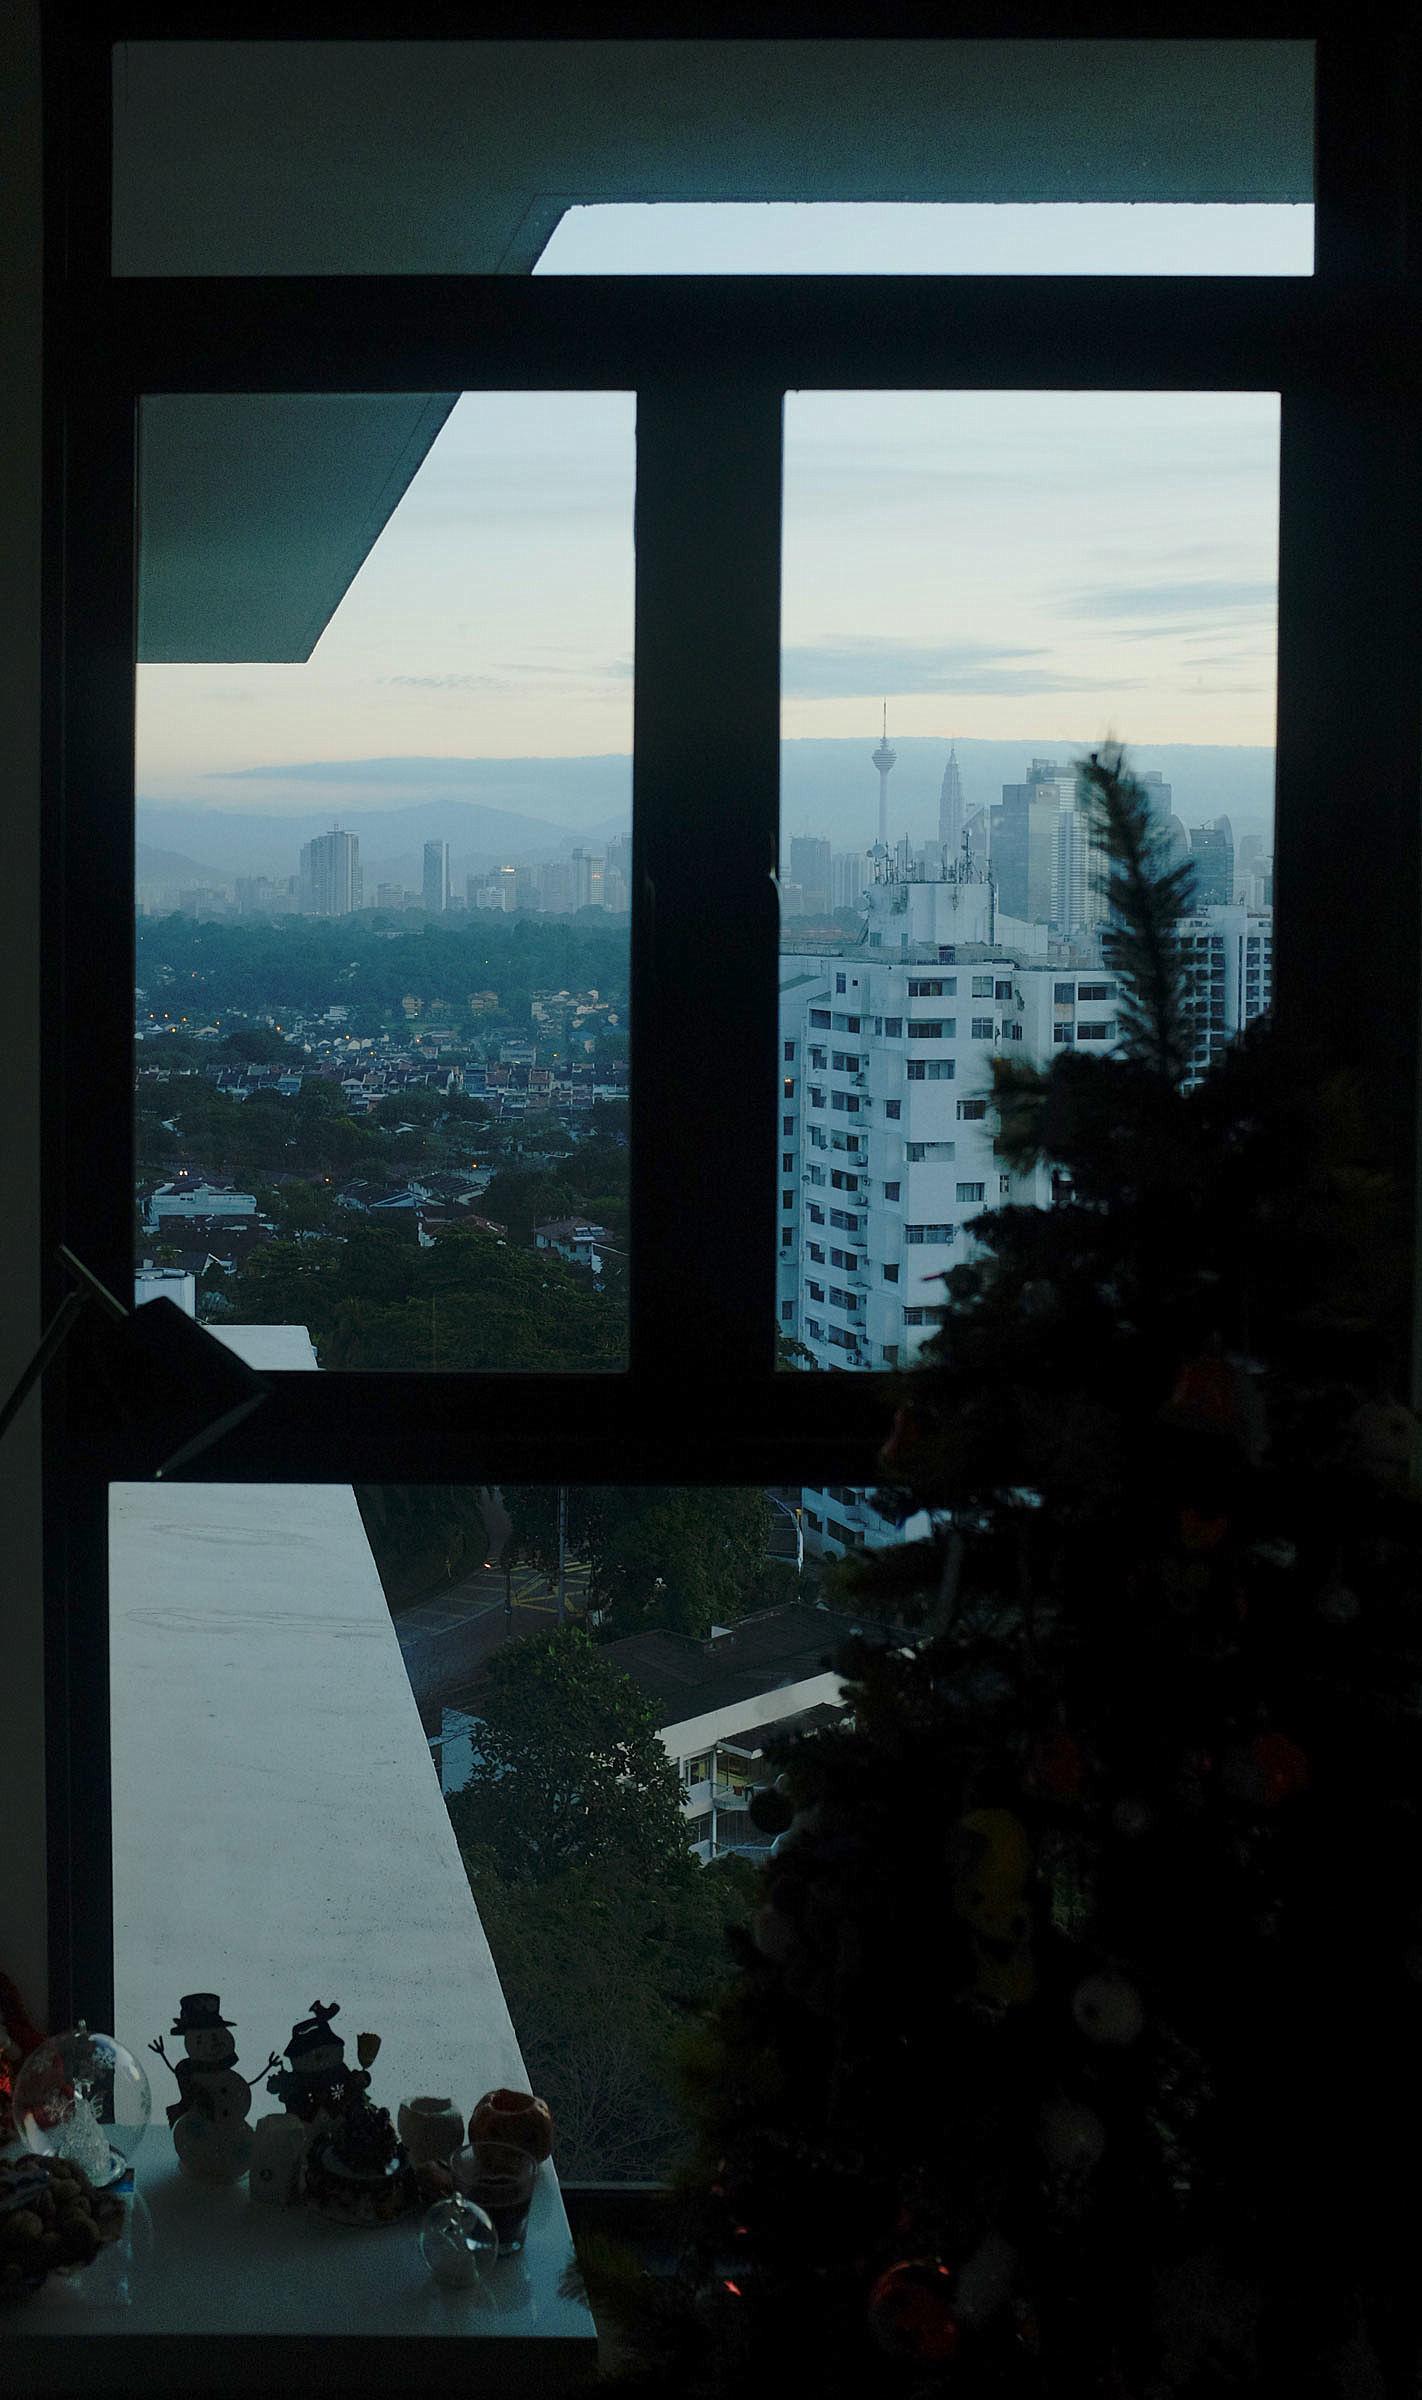 KL Petronas Tree